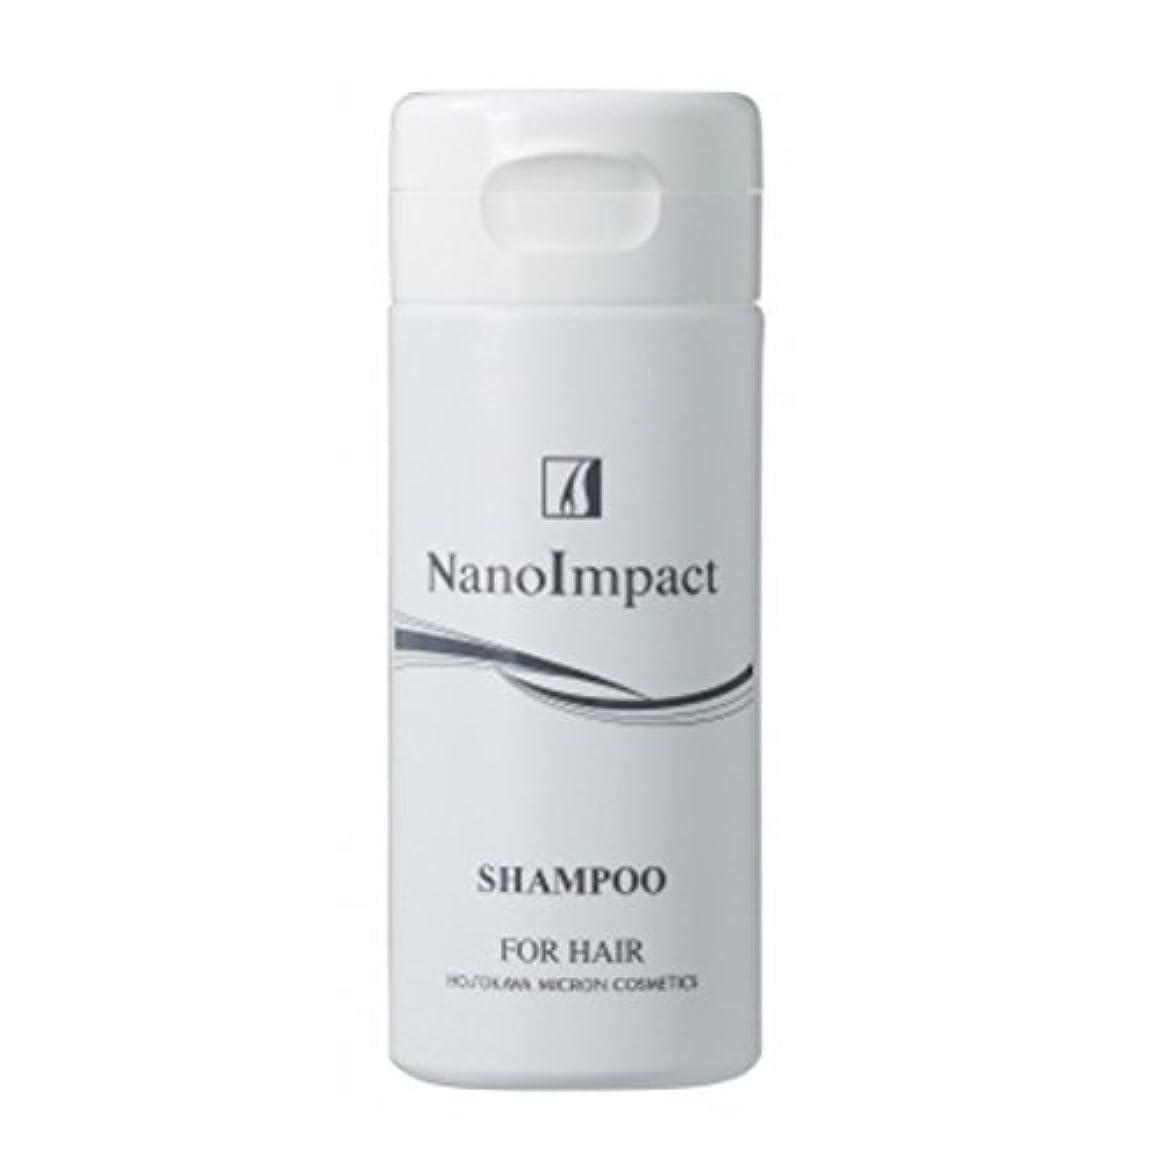 シャツ流行しているグリップホソカワミクロン化粧品 薬用ナノインパクトシャンプー<150g> 【医薬部外品/薬用シャンプー】